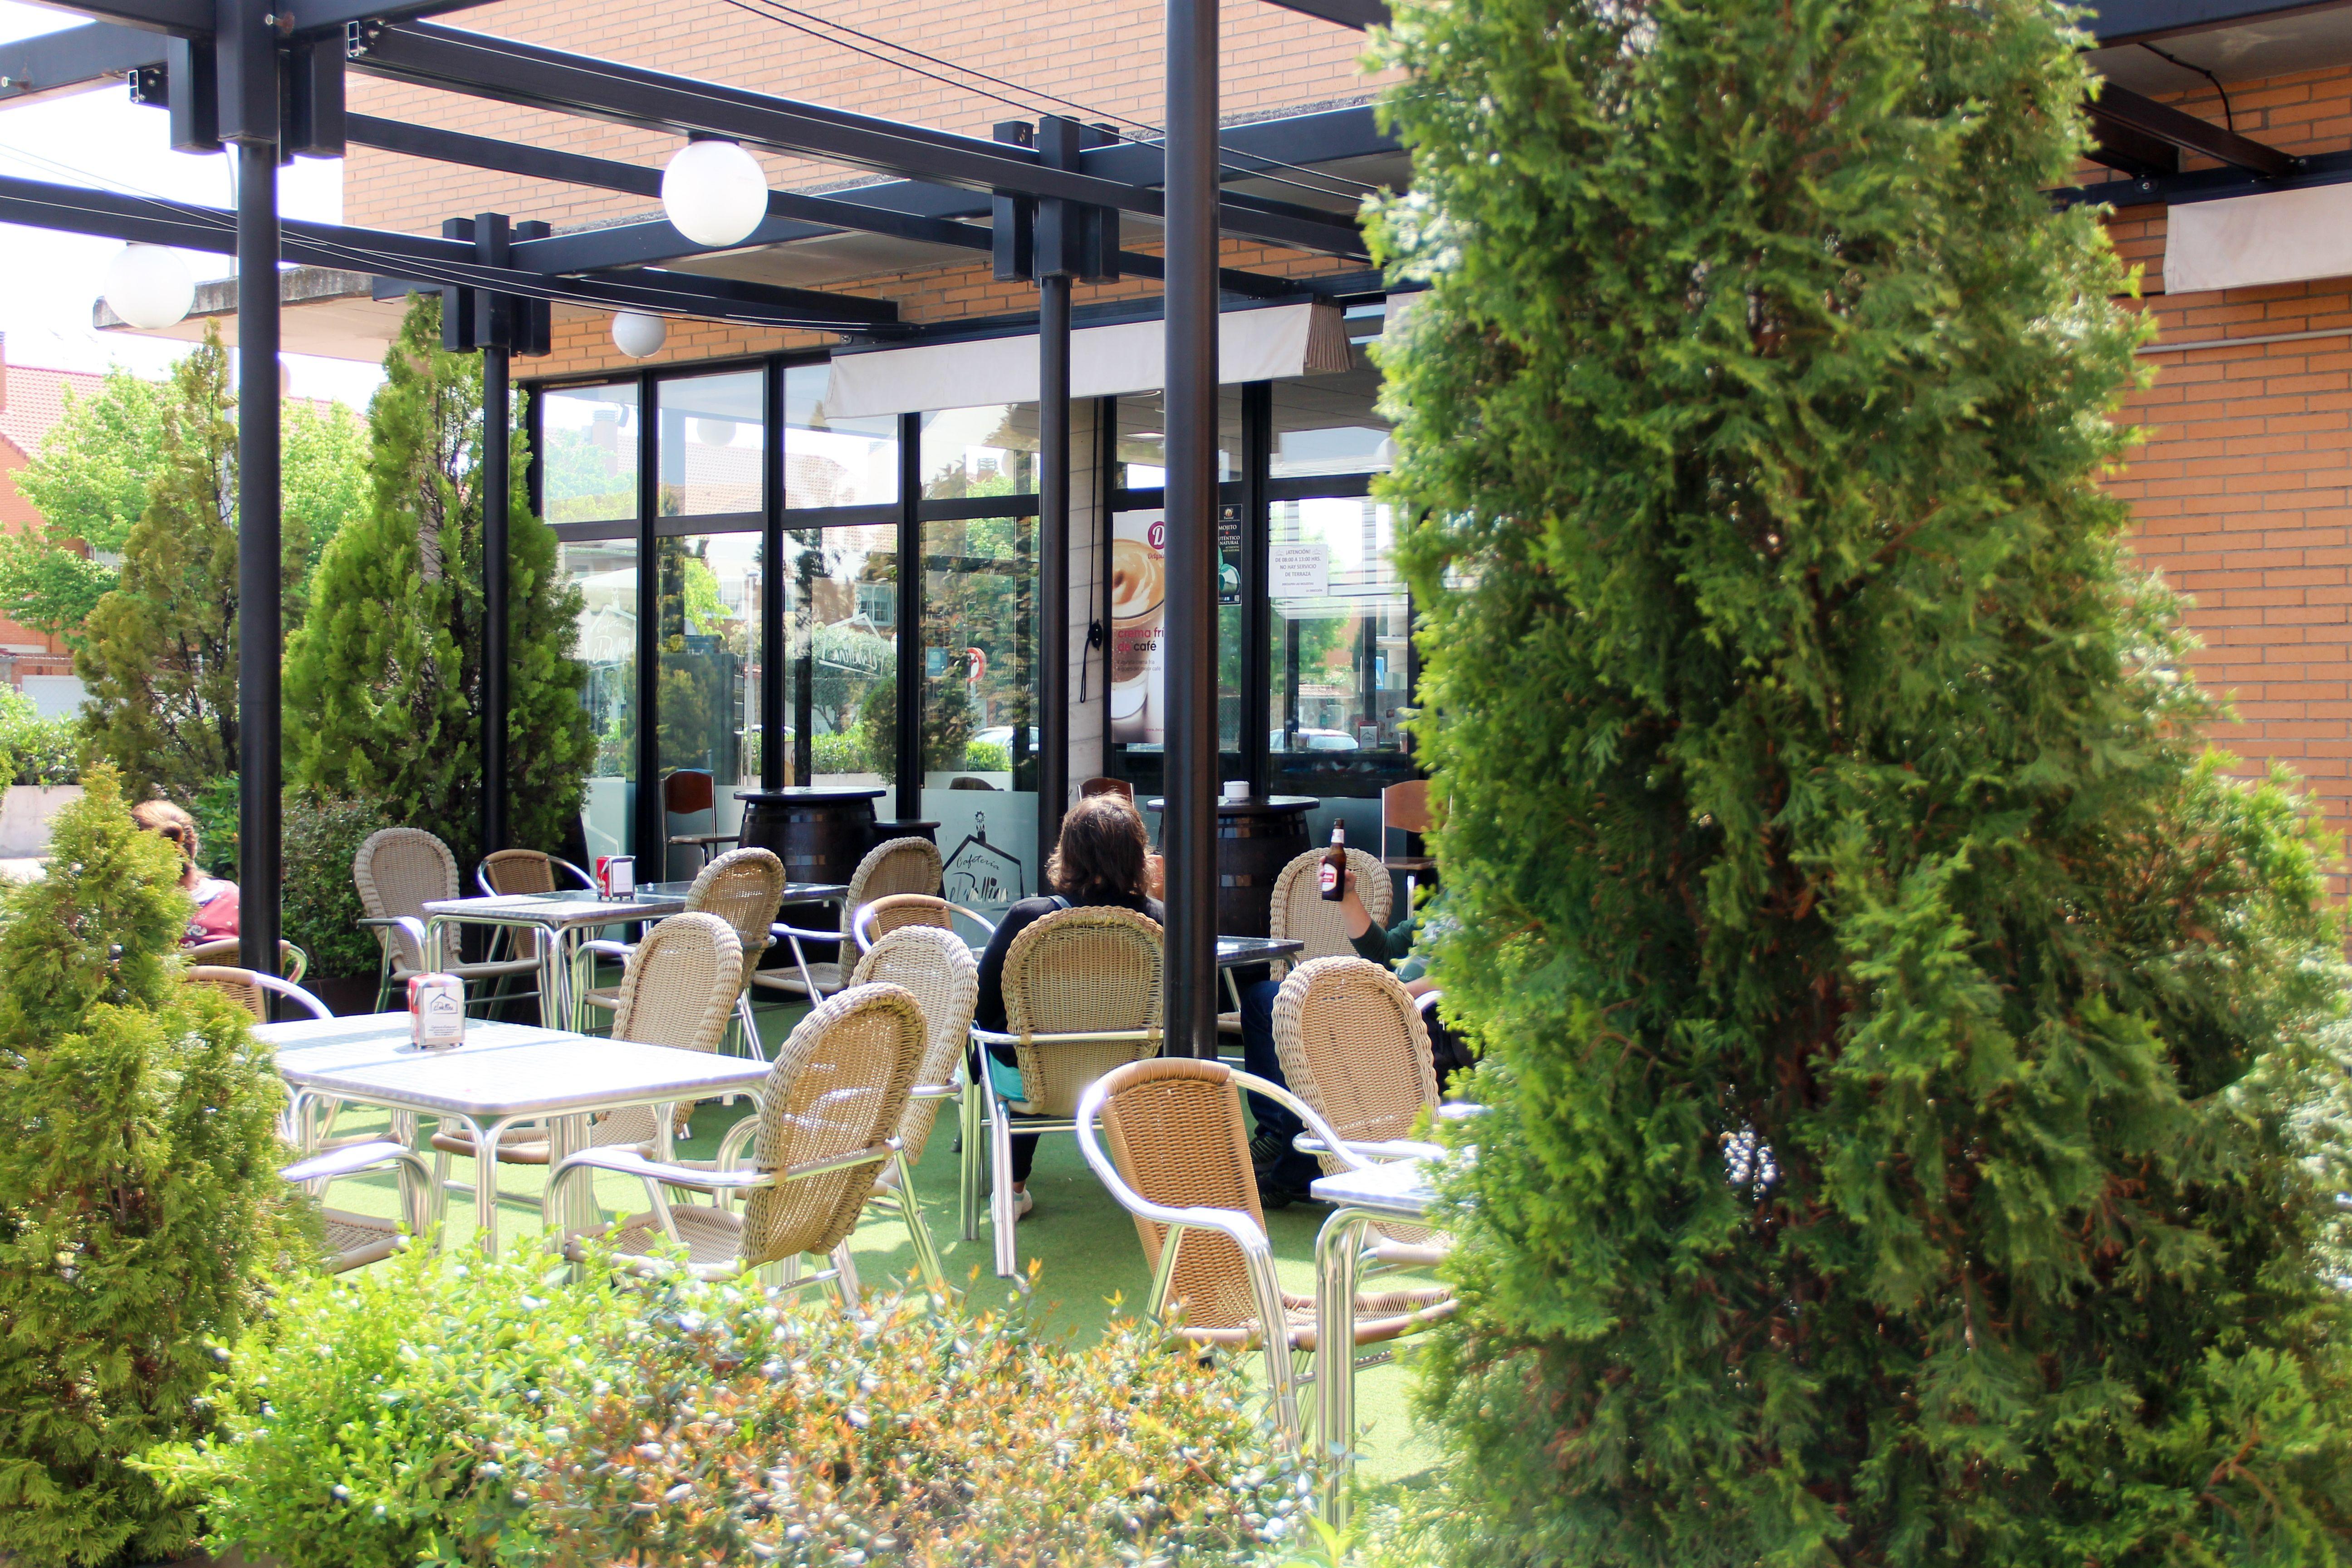 Foto 8 de Restaurante en Rivas Vaciamadrid   El Vallina